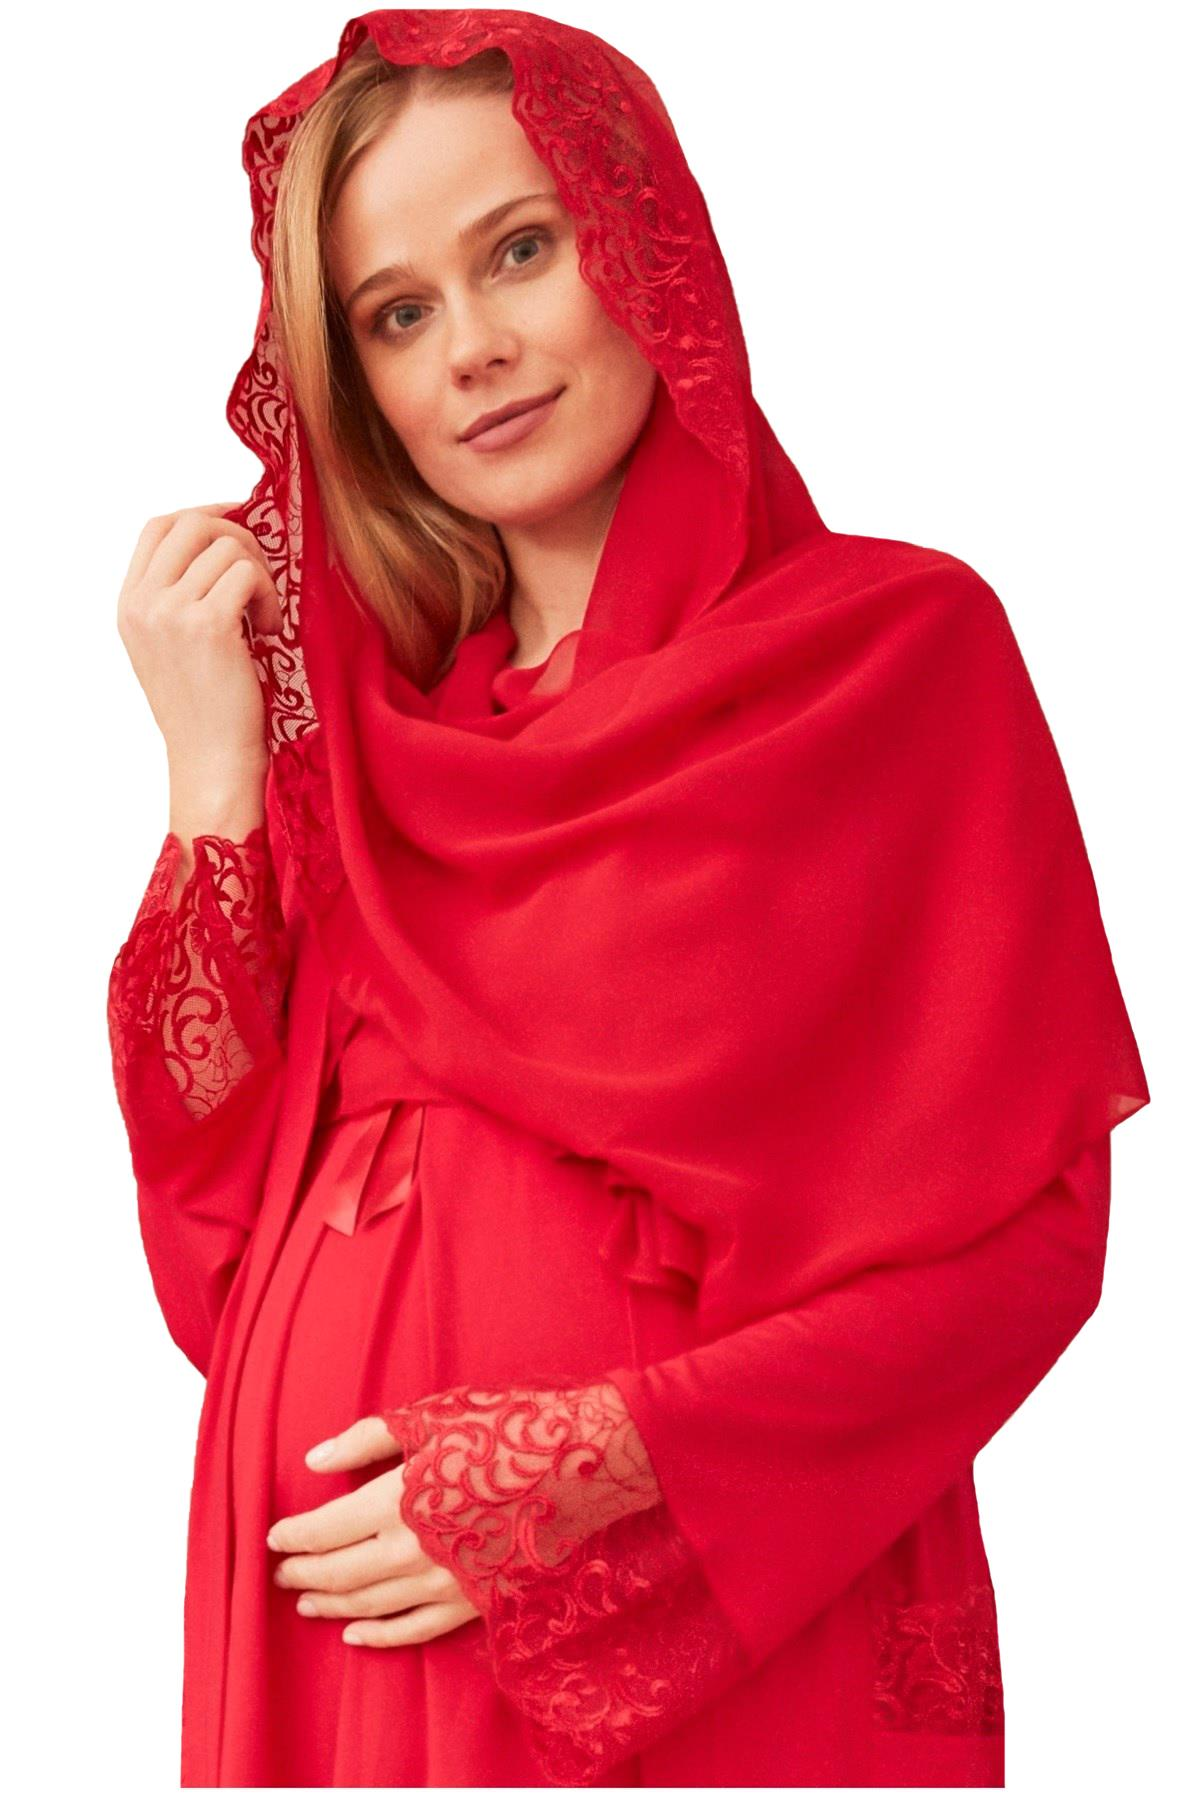 Mecit 017 Kadın Dantelli Şifon Şal Eşarp Kırmızı Renk